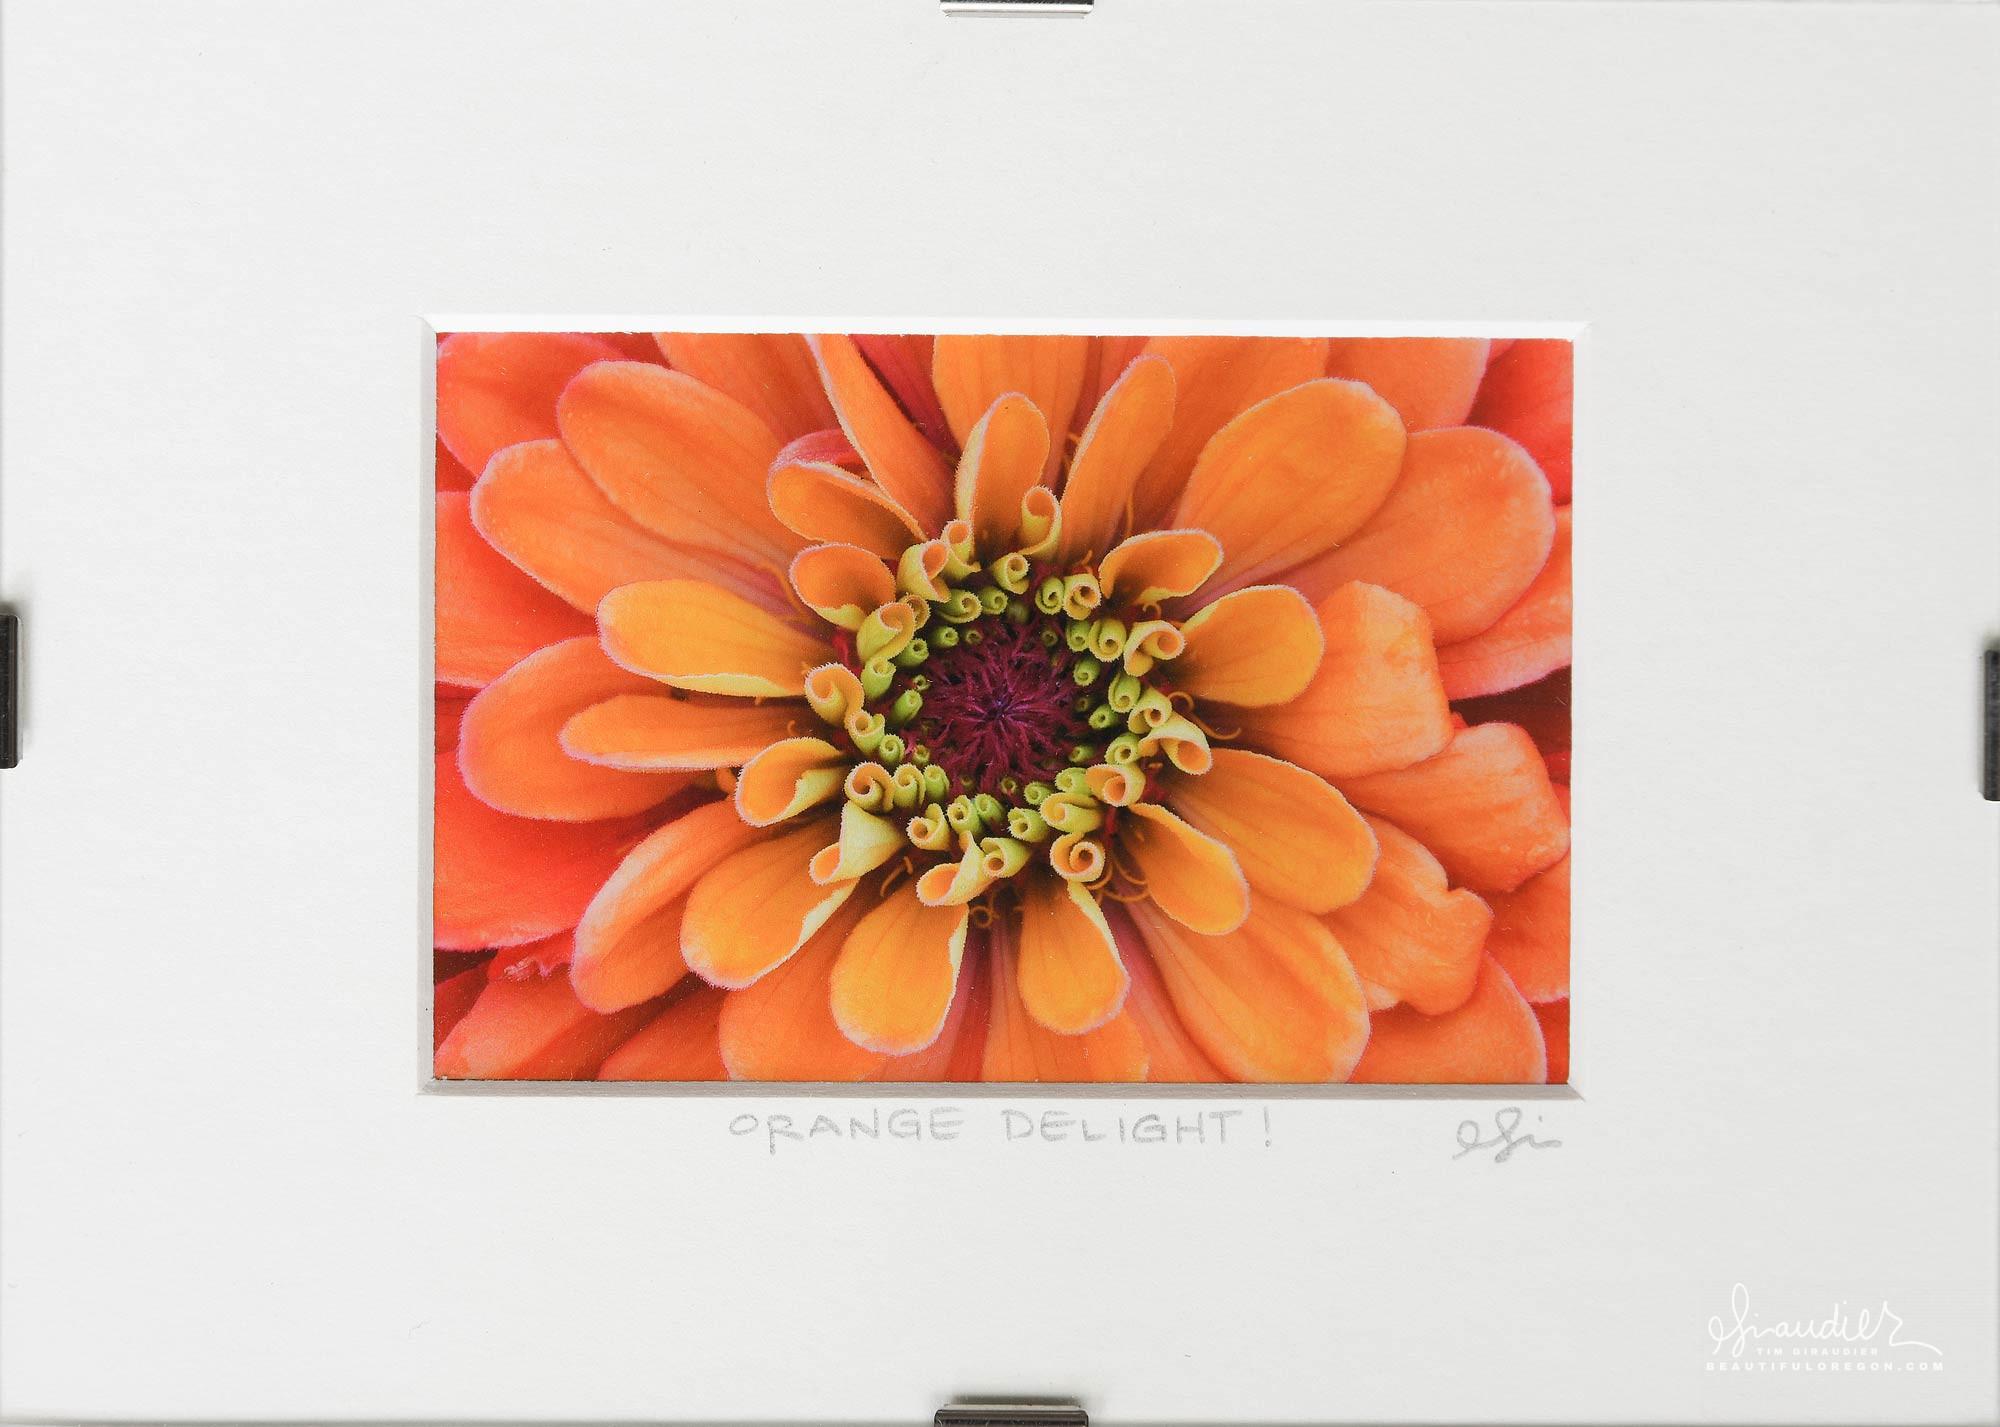 Orange Delight! Zinnia elegans